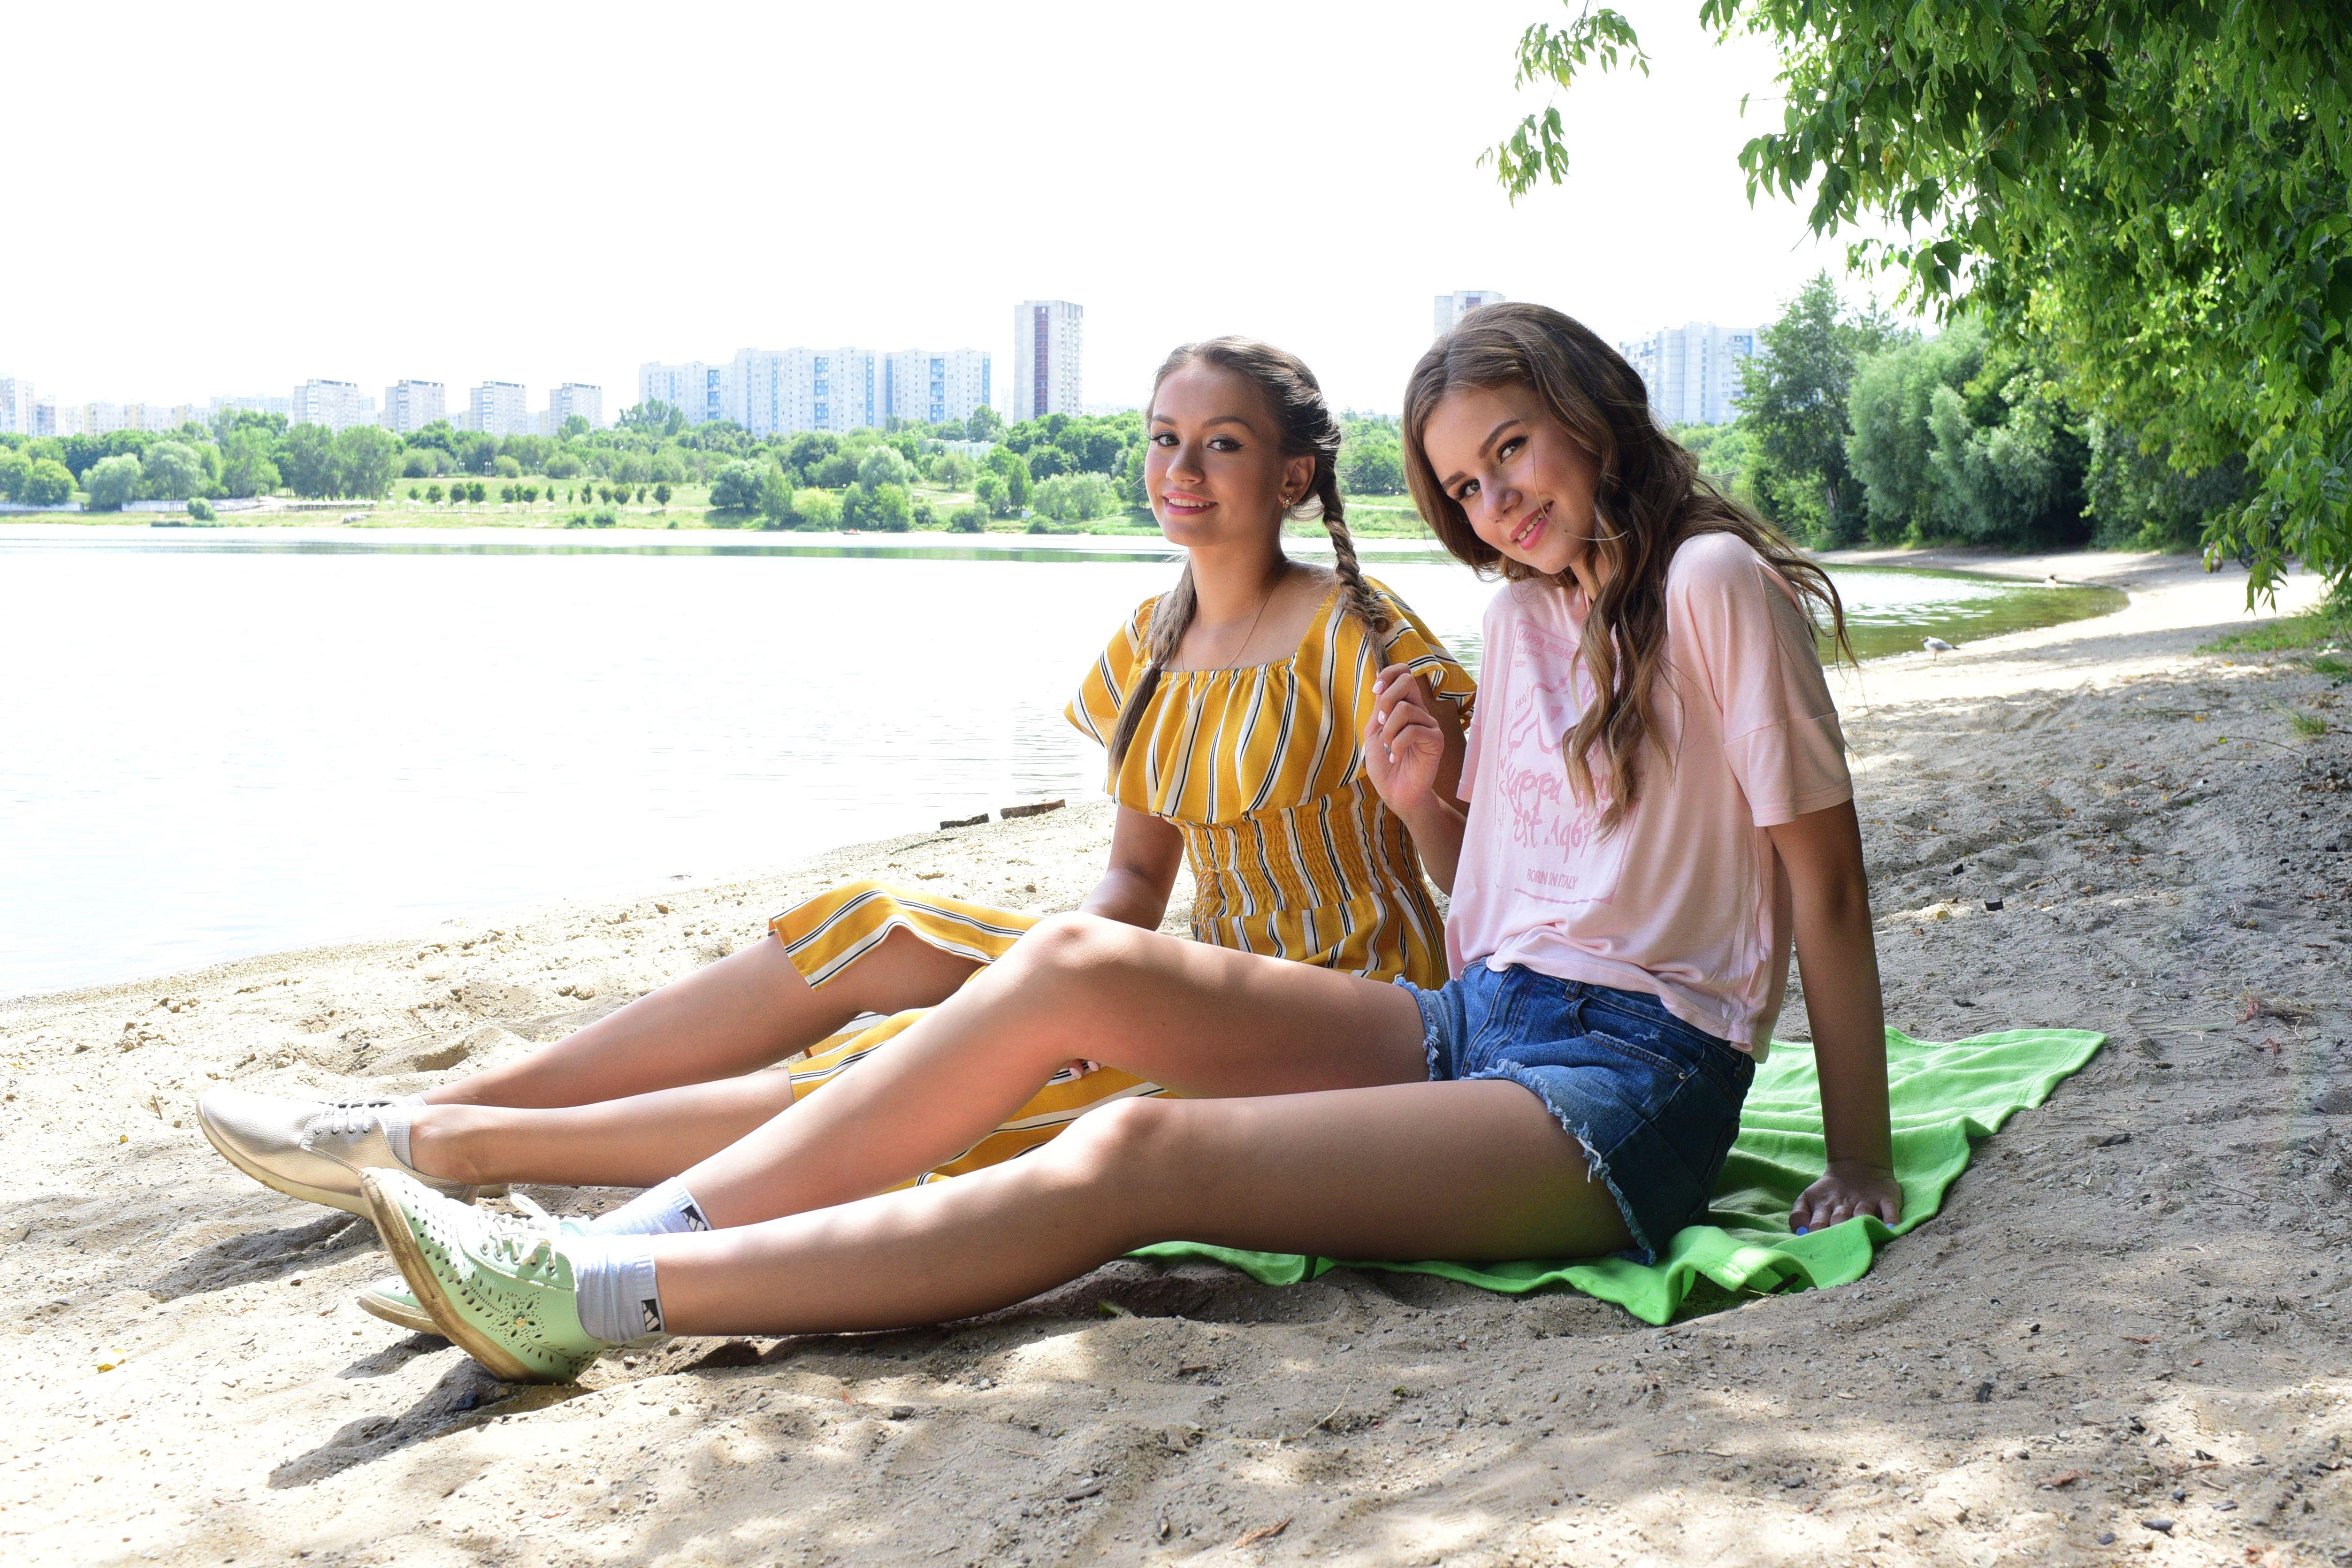 Роспотребнадзор назвал зоны отдыха для купания в Москве